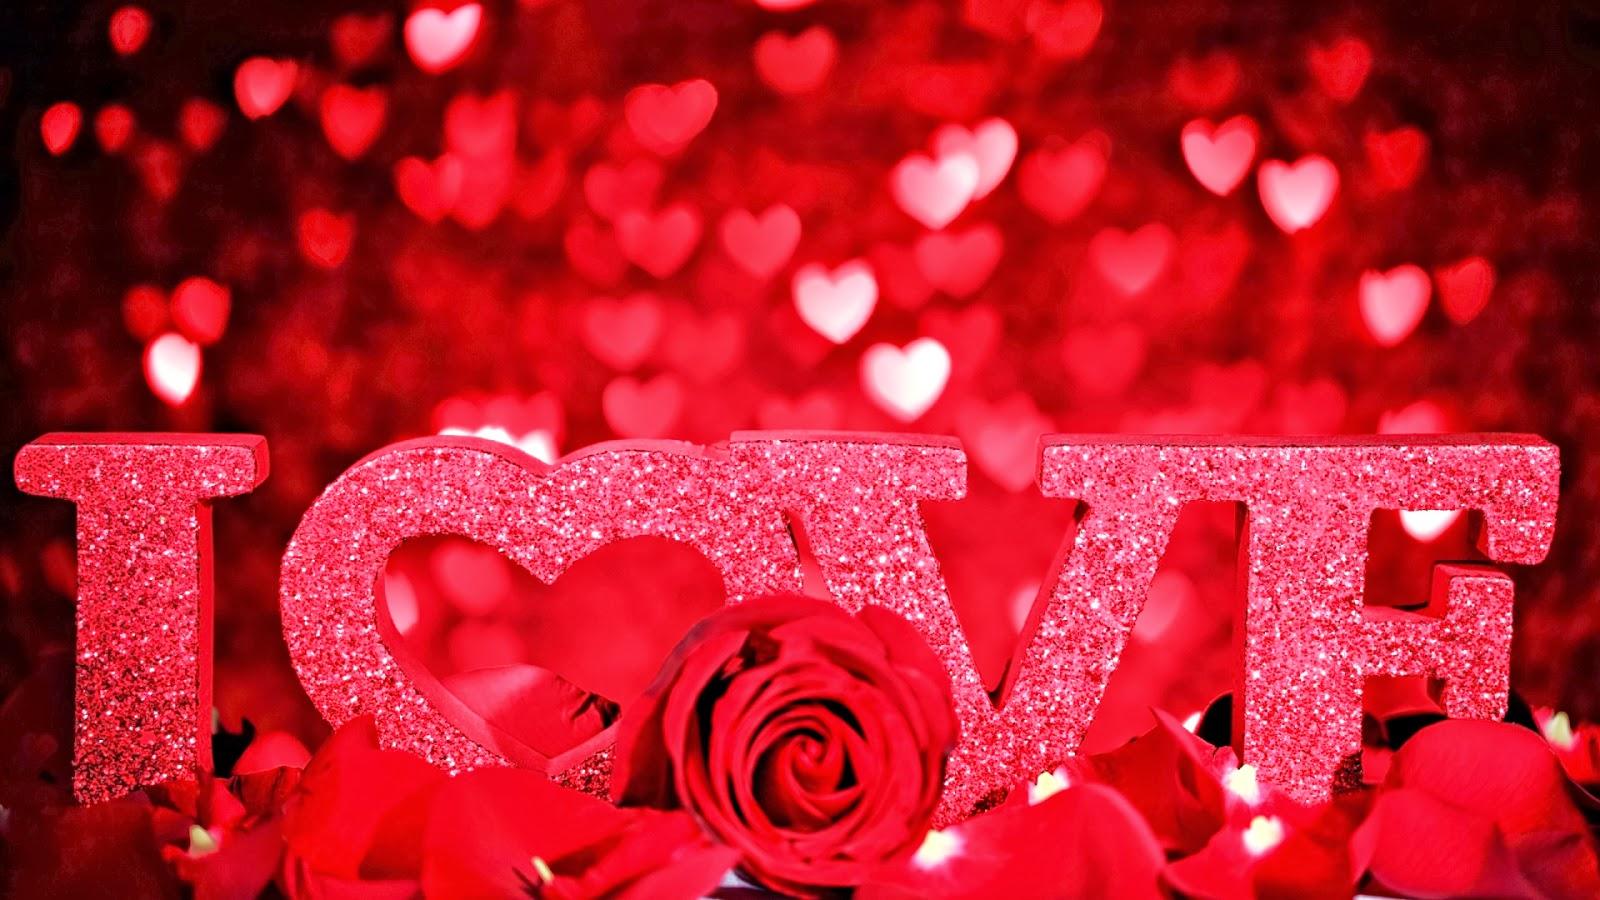 بالصور كلمات حب رومانسية , اجمل الكلمات الرومانسيه 331 5